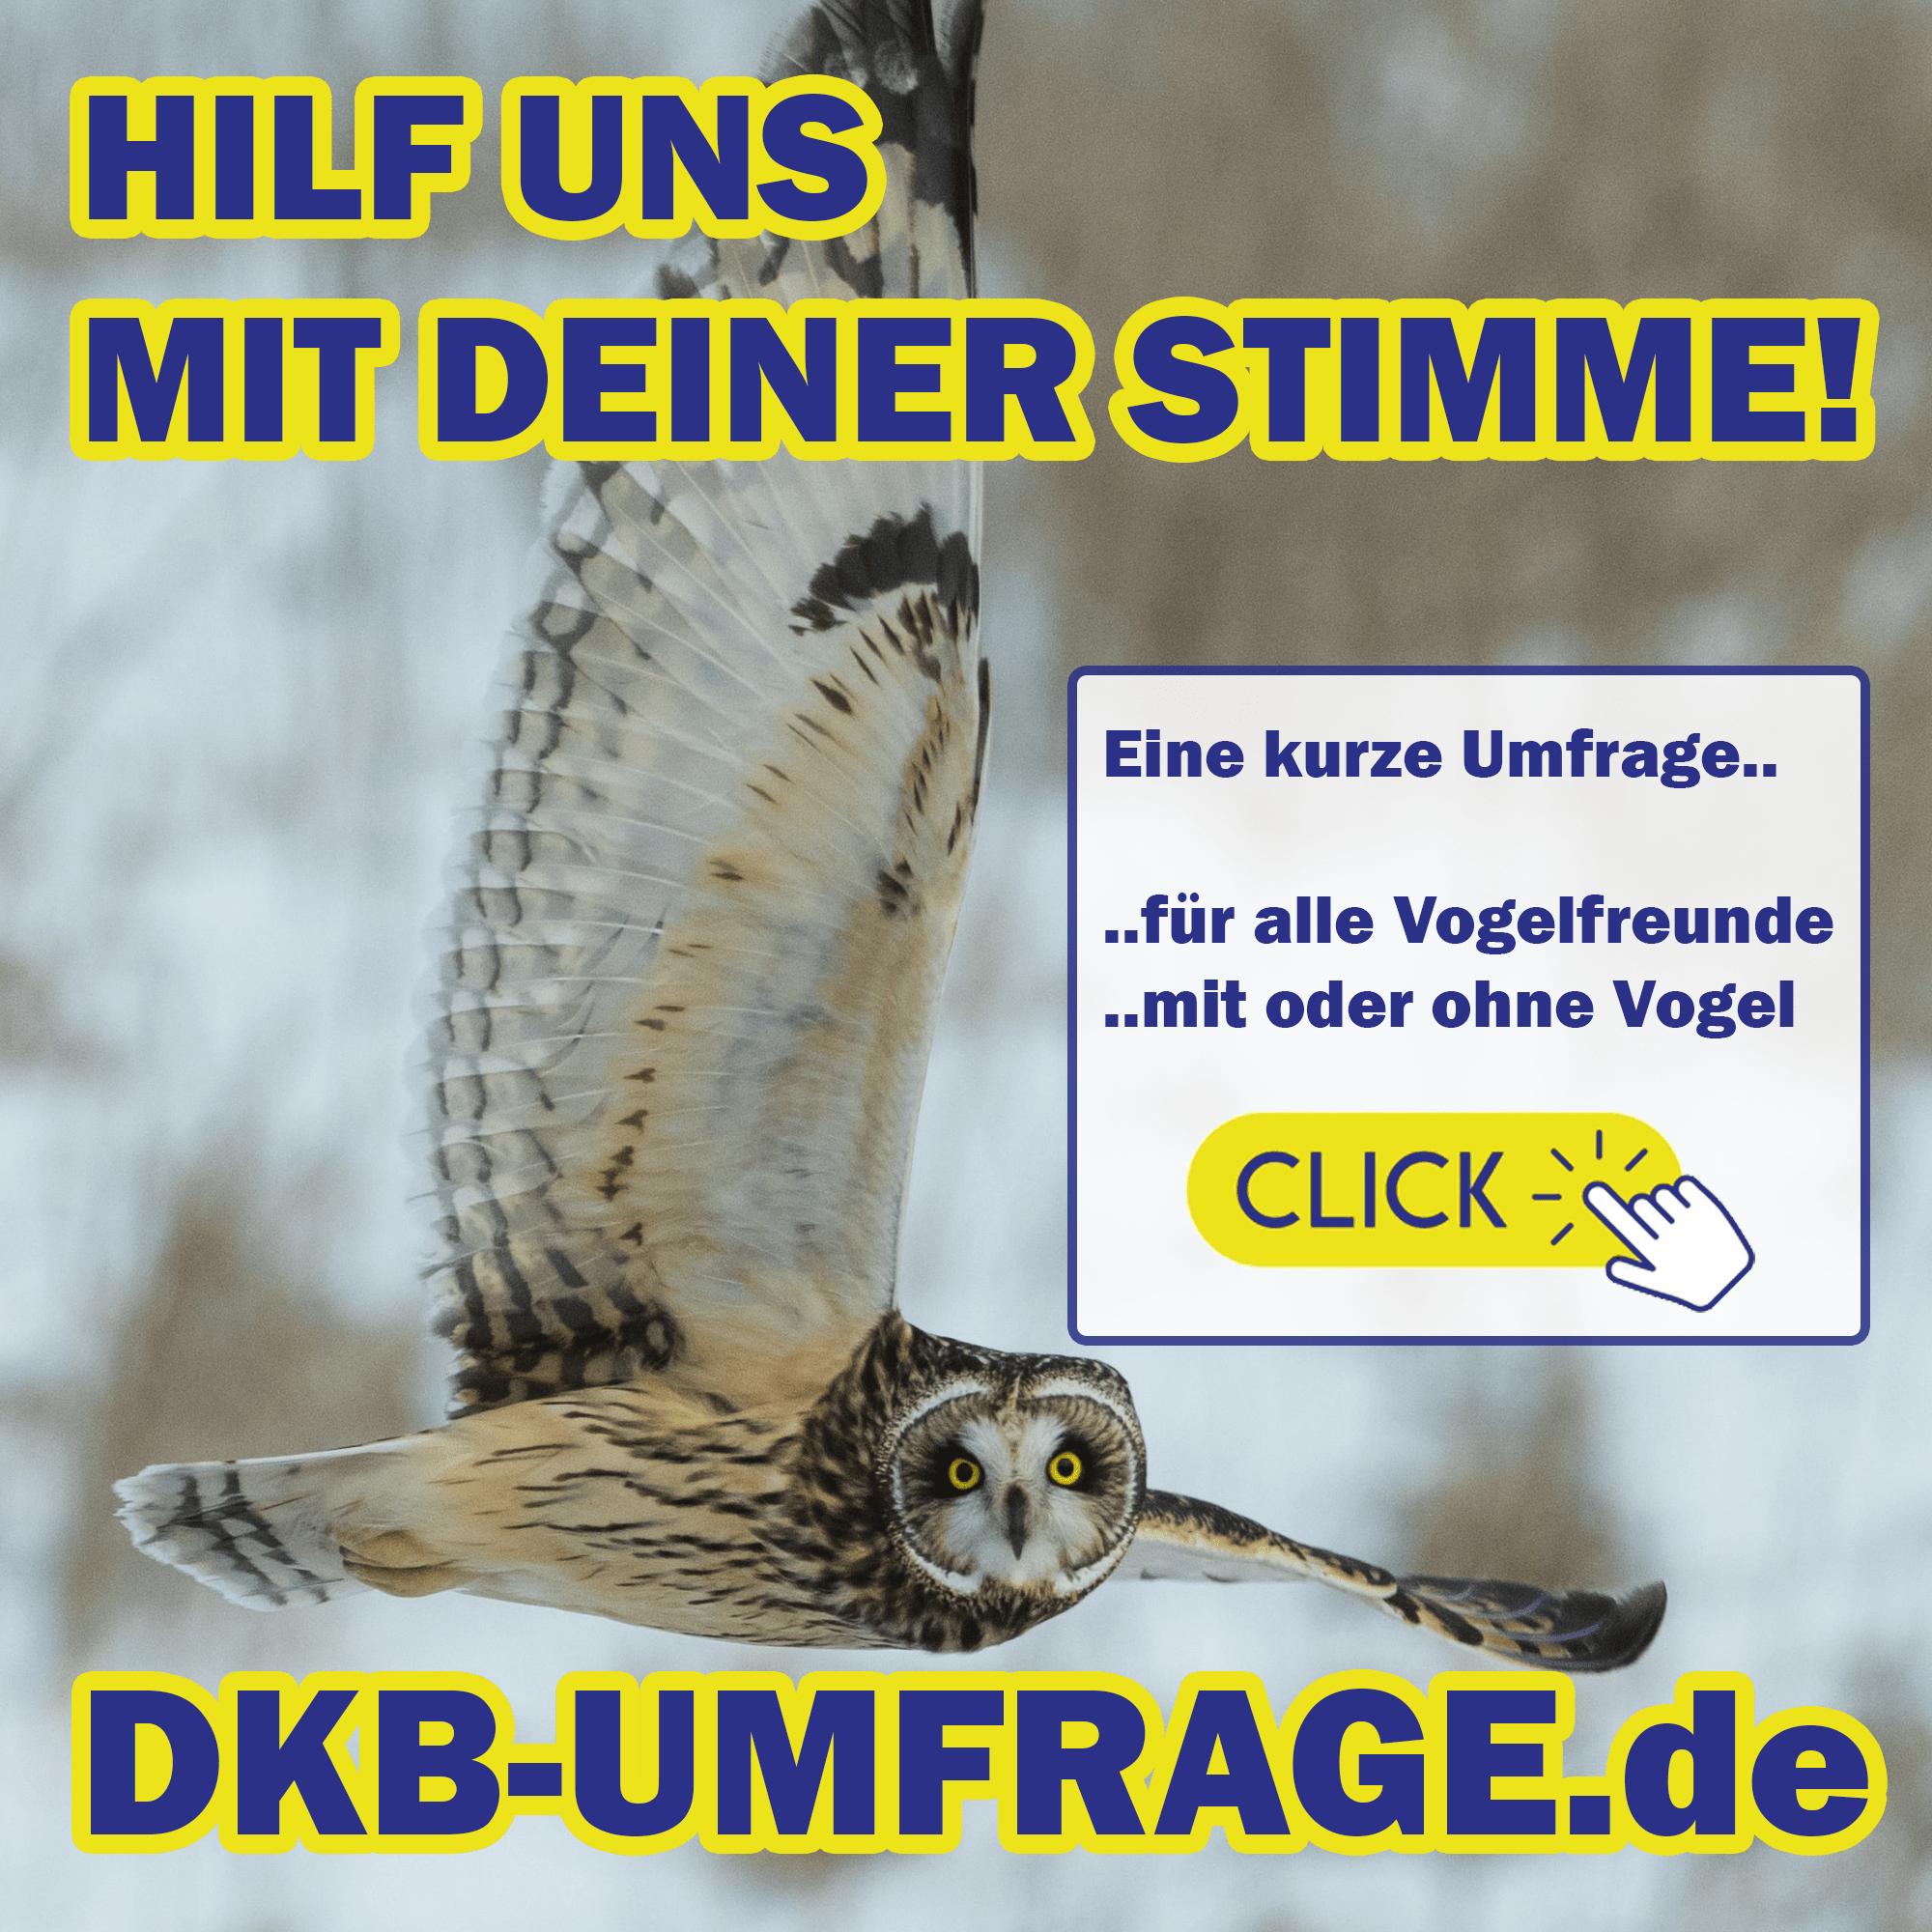 DKB Umfrage 12